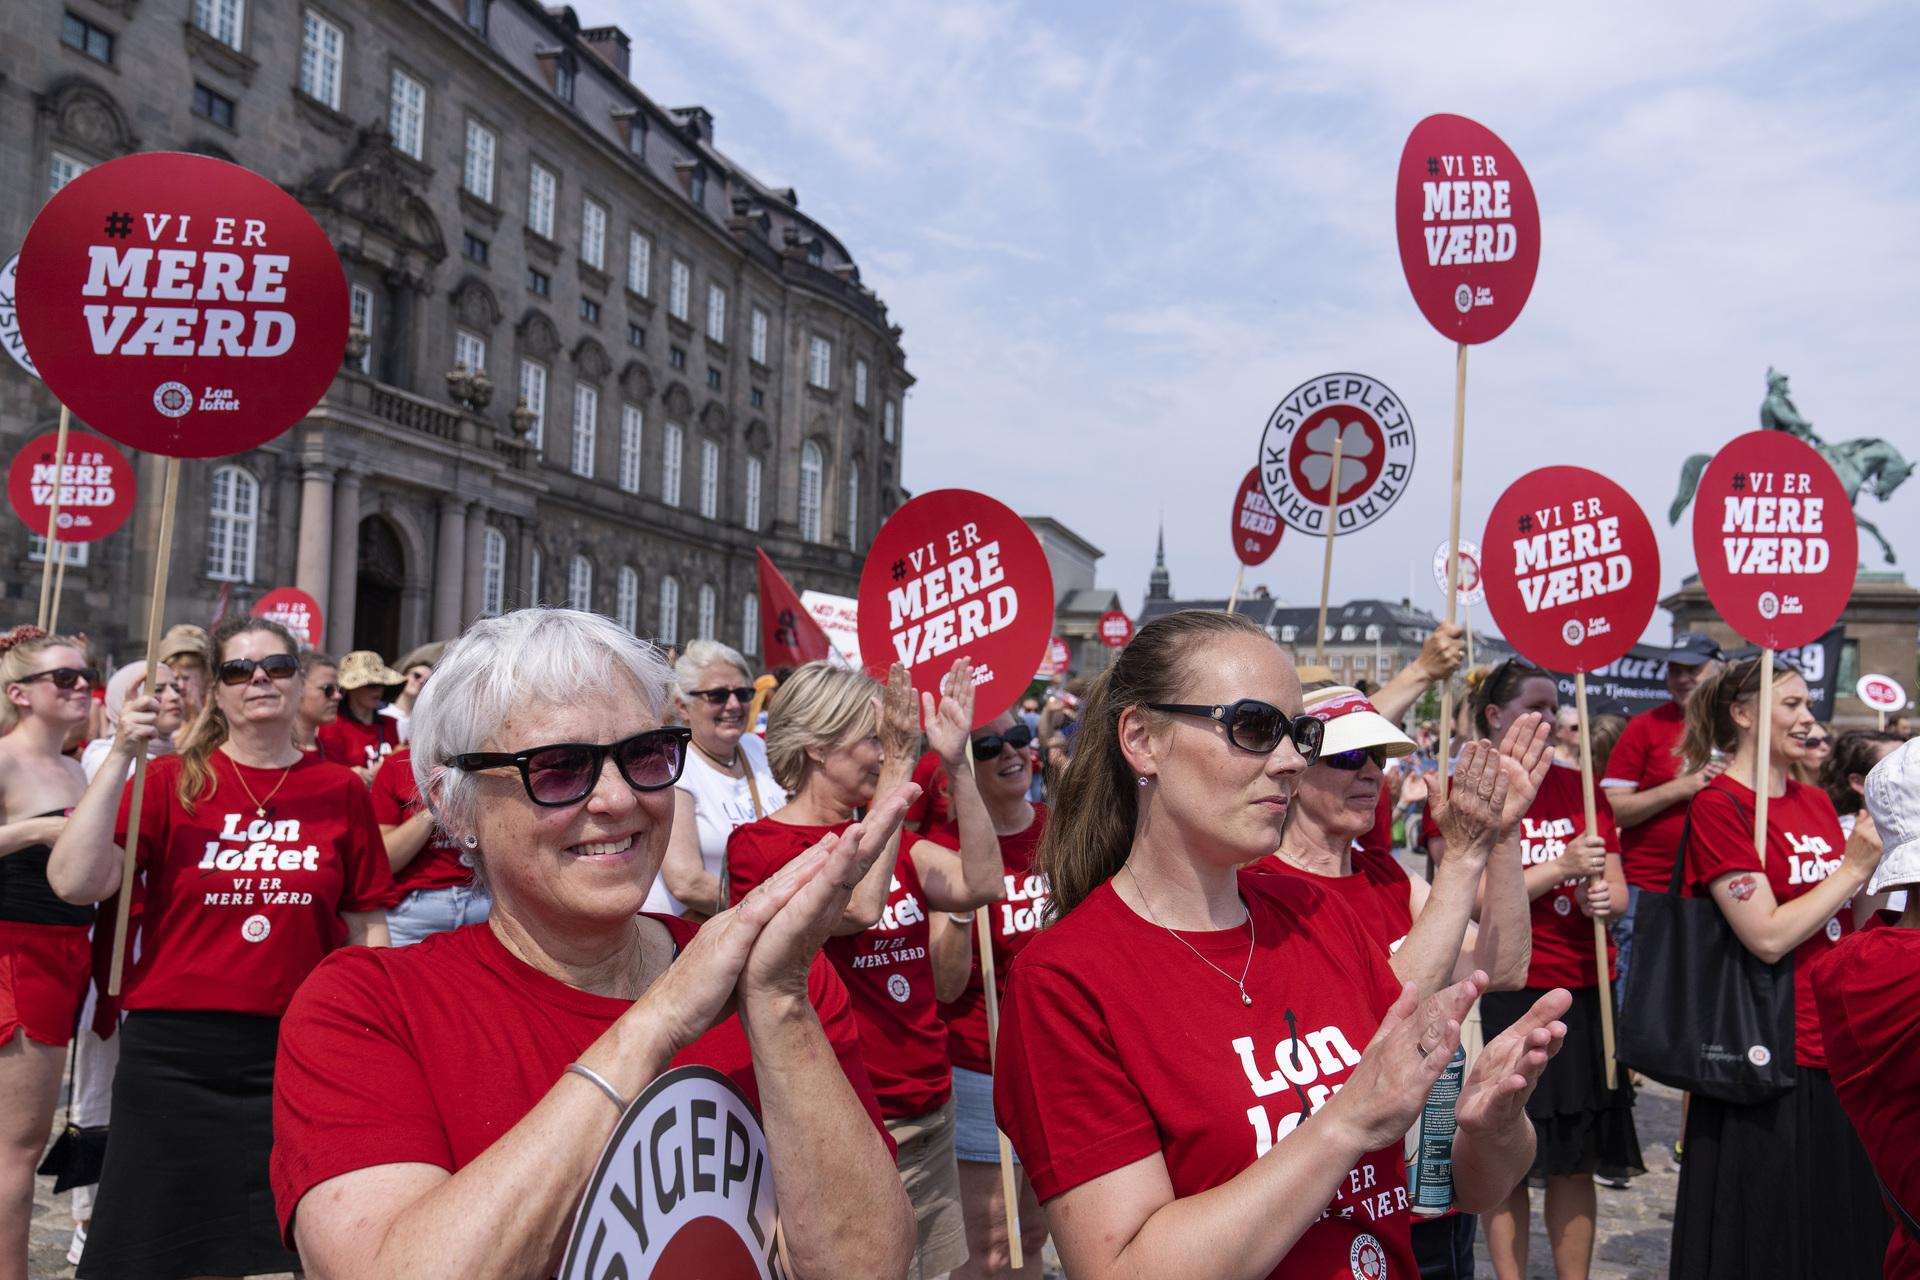 Christopher Arzrouni: De strejkende sygeplejersker burde genoverveje deres lønstrategi, for de er selv skyld i deres problemer